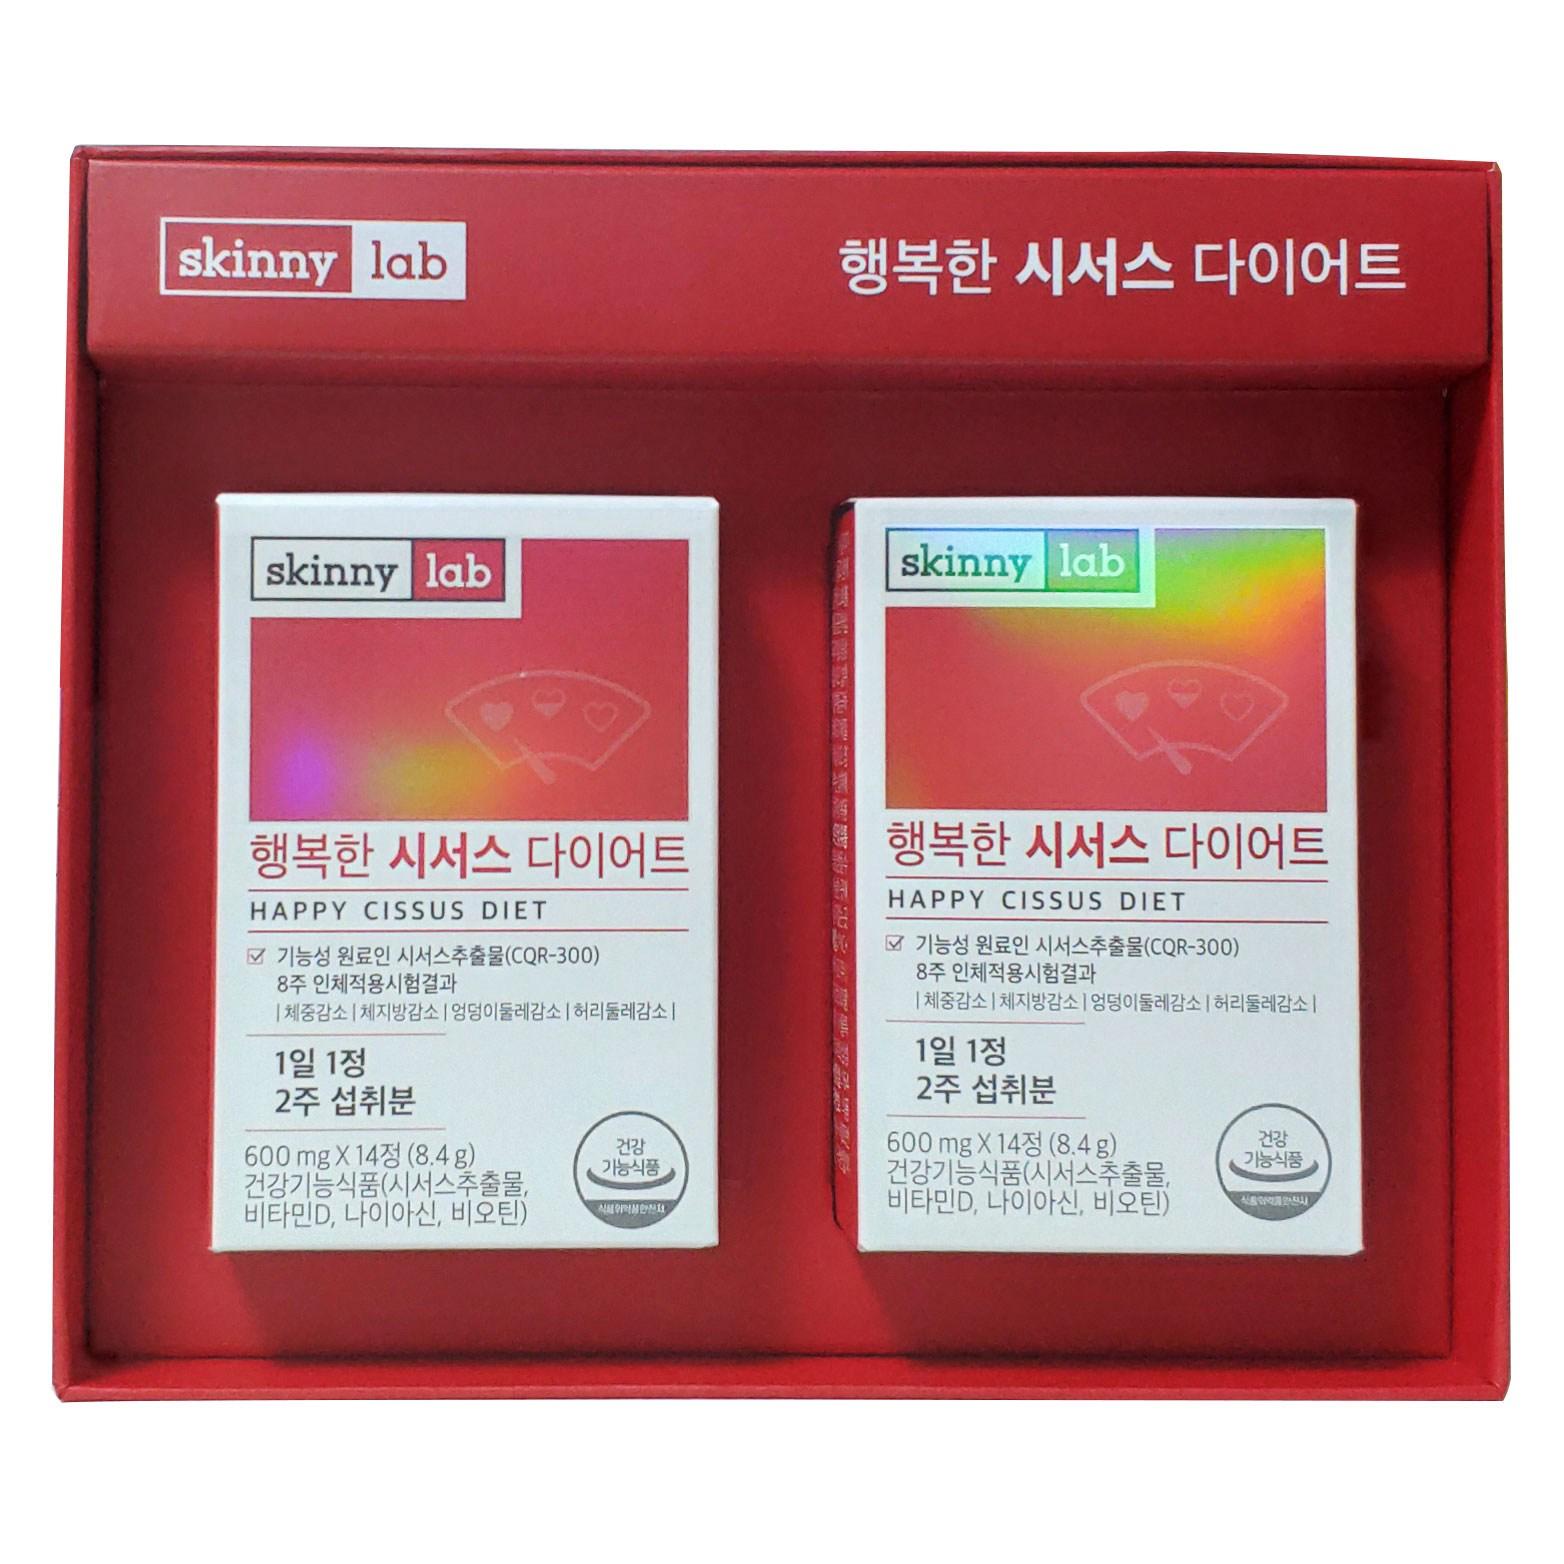 스키니랩 행복한 시서스 다이어트 28정 (4주분), 1box